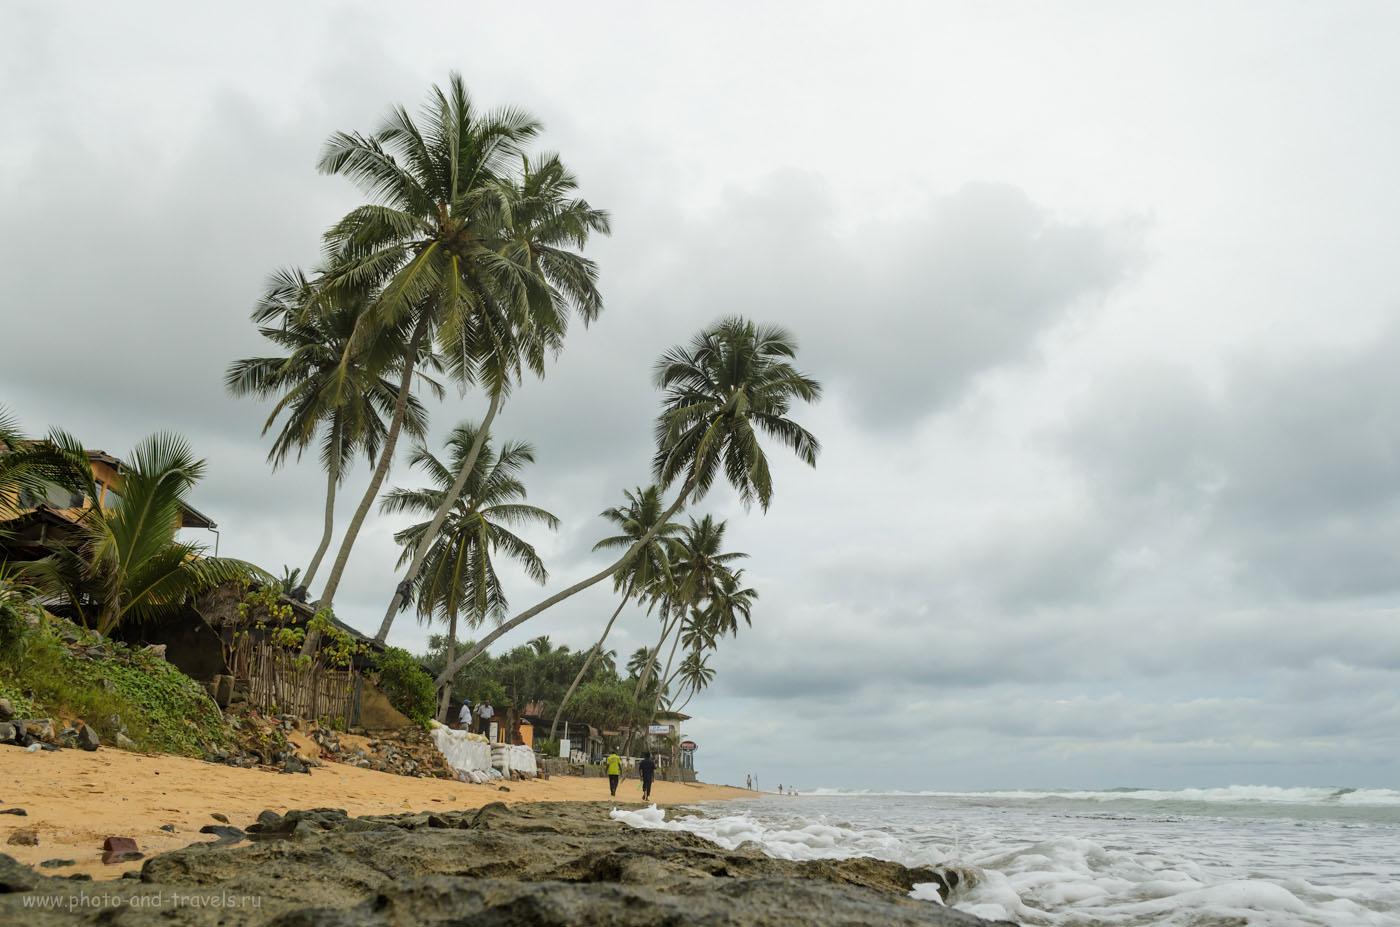 Фото 13. На пляже Hikkaduwa (Хиккадува) 5 мая 2013 года. Волны весной на Цейлоне. Отчеты туристов про отдых на Шри-Ланке самостоятельно.